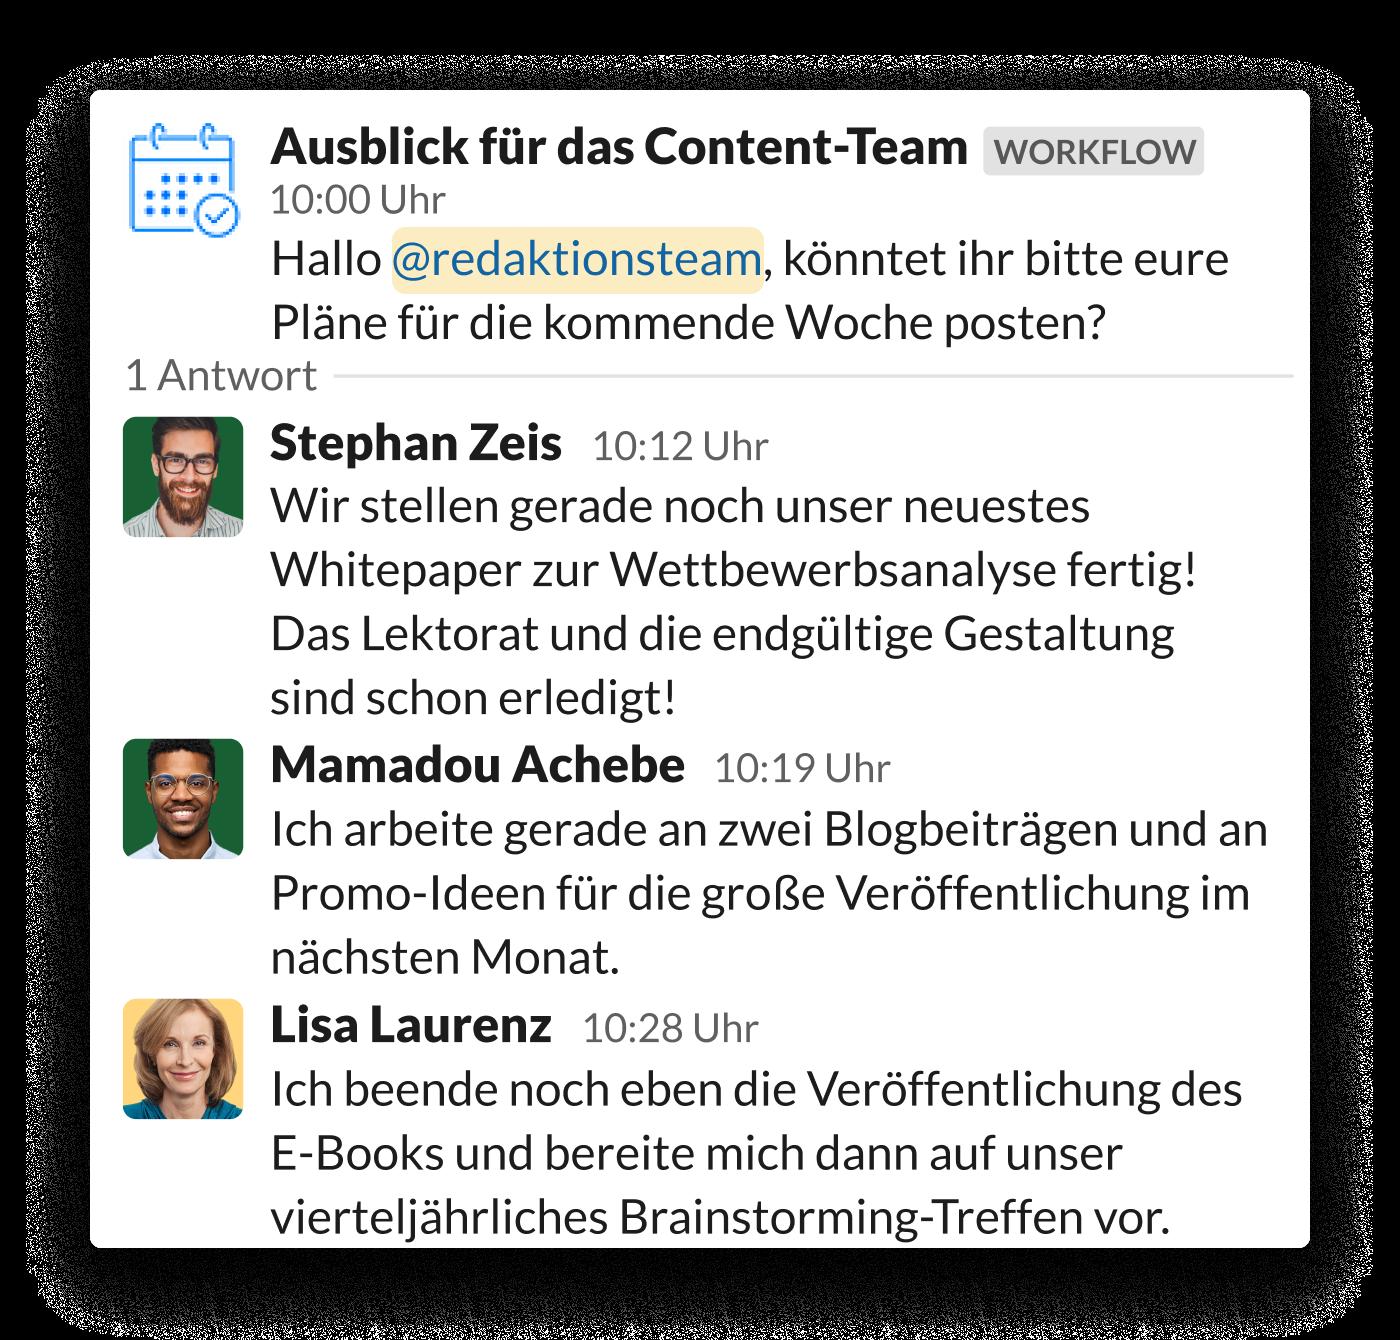 Ein Content-Marketing-Team teilt seine täglichen Ziele in einem Thread in Slack und folgt dabei einer Aufforderung des Workflow-Builders